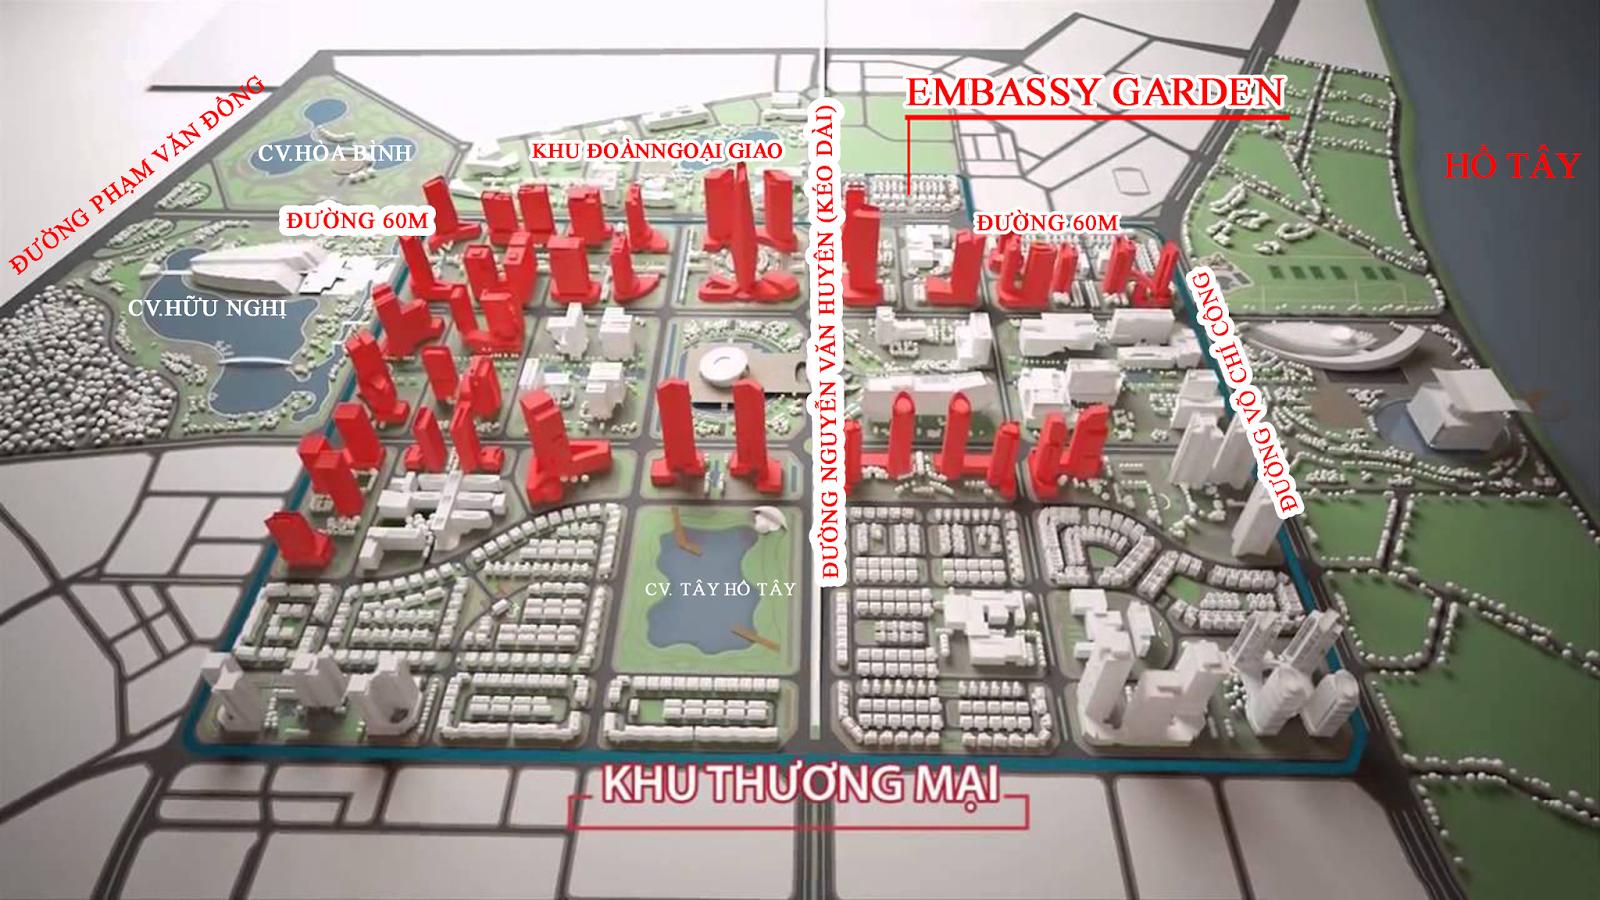 Dự án Embassy Garden - Đẳng cấp của cuộc sống thượng lưu